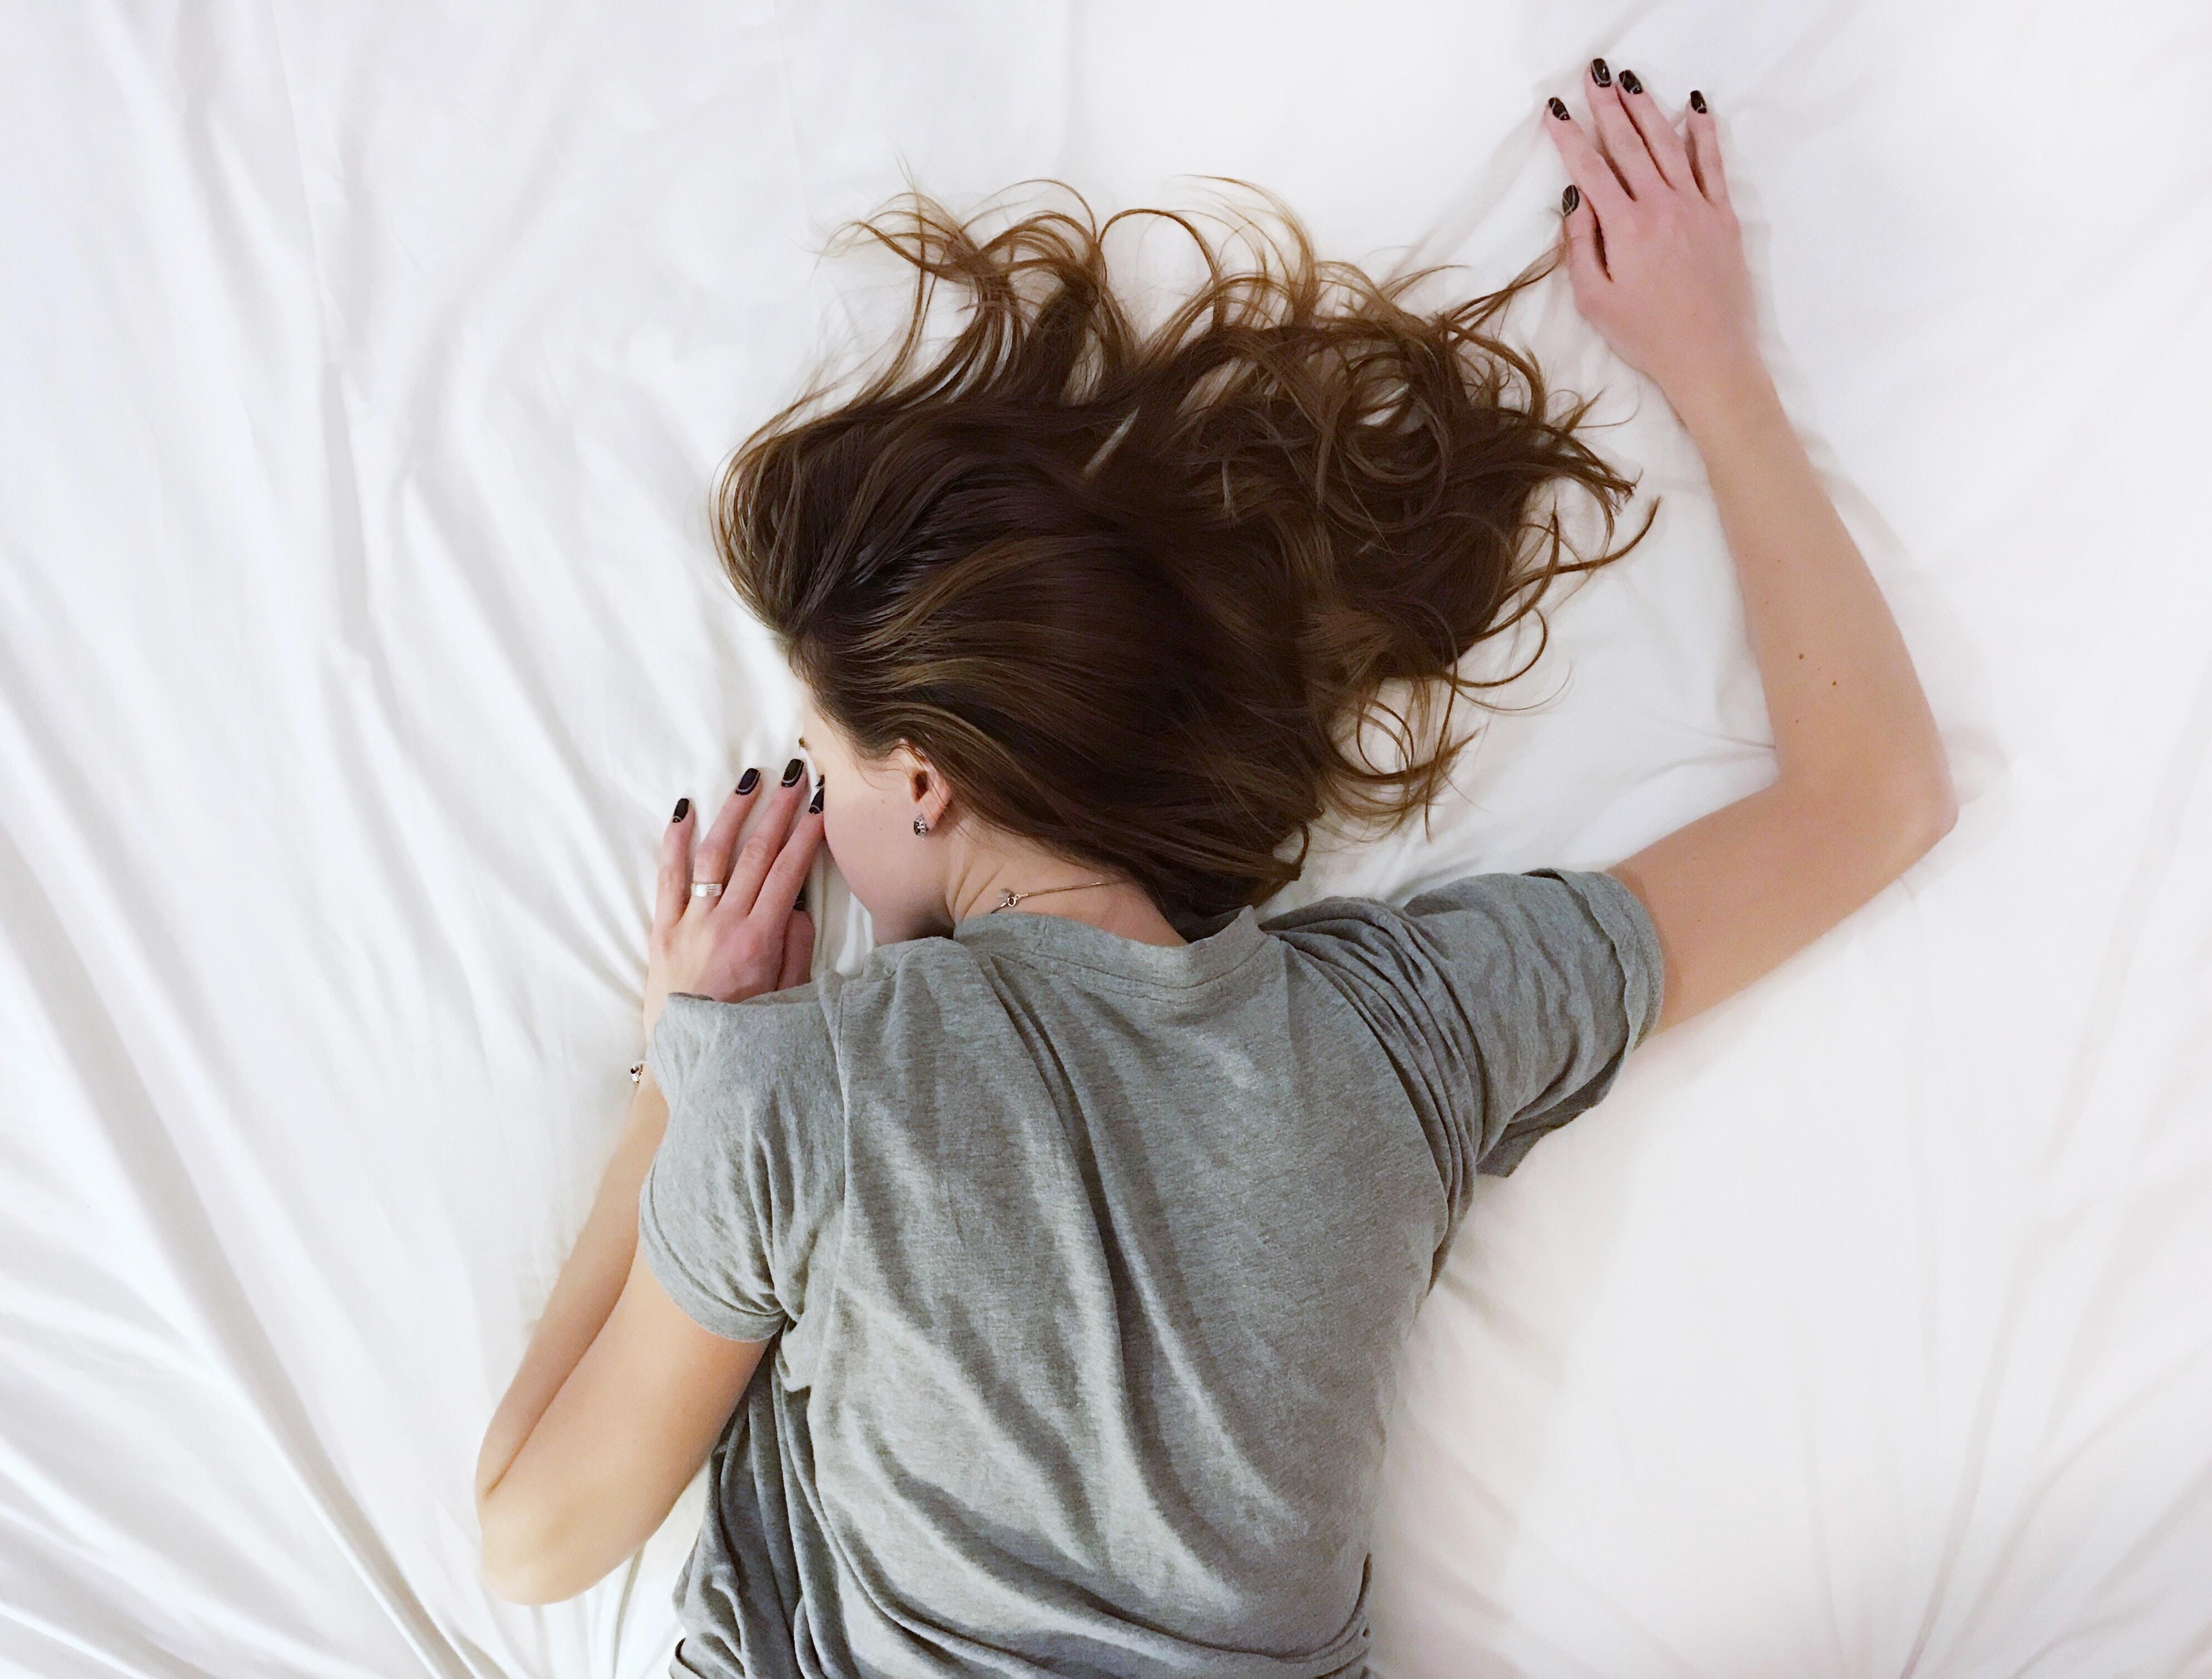 Problemas para dormir no verão? Três ajustes simples podem ajudar